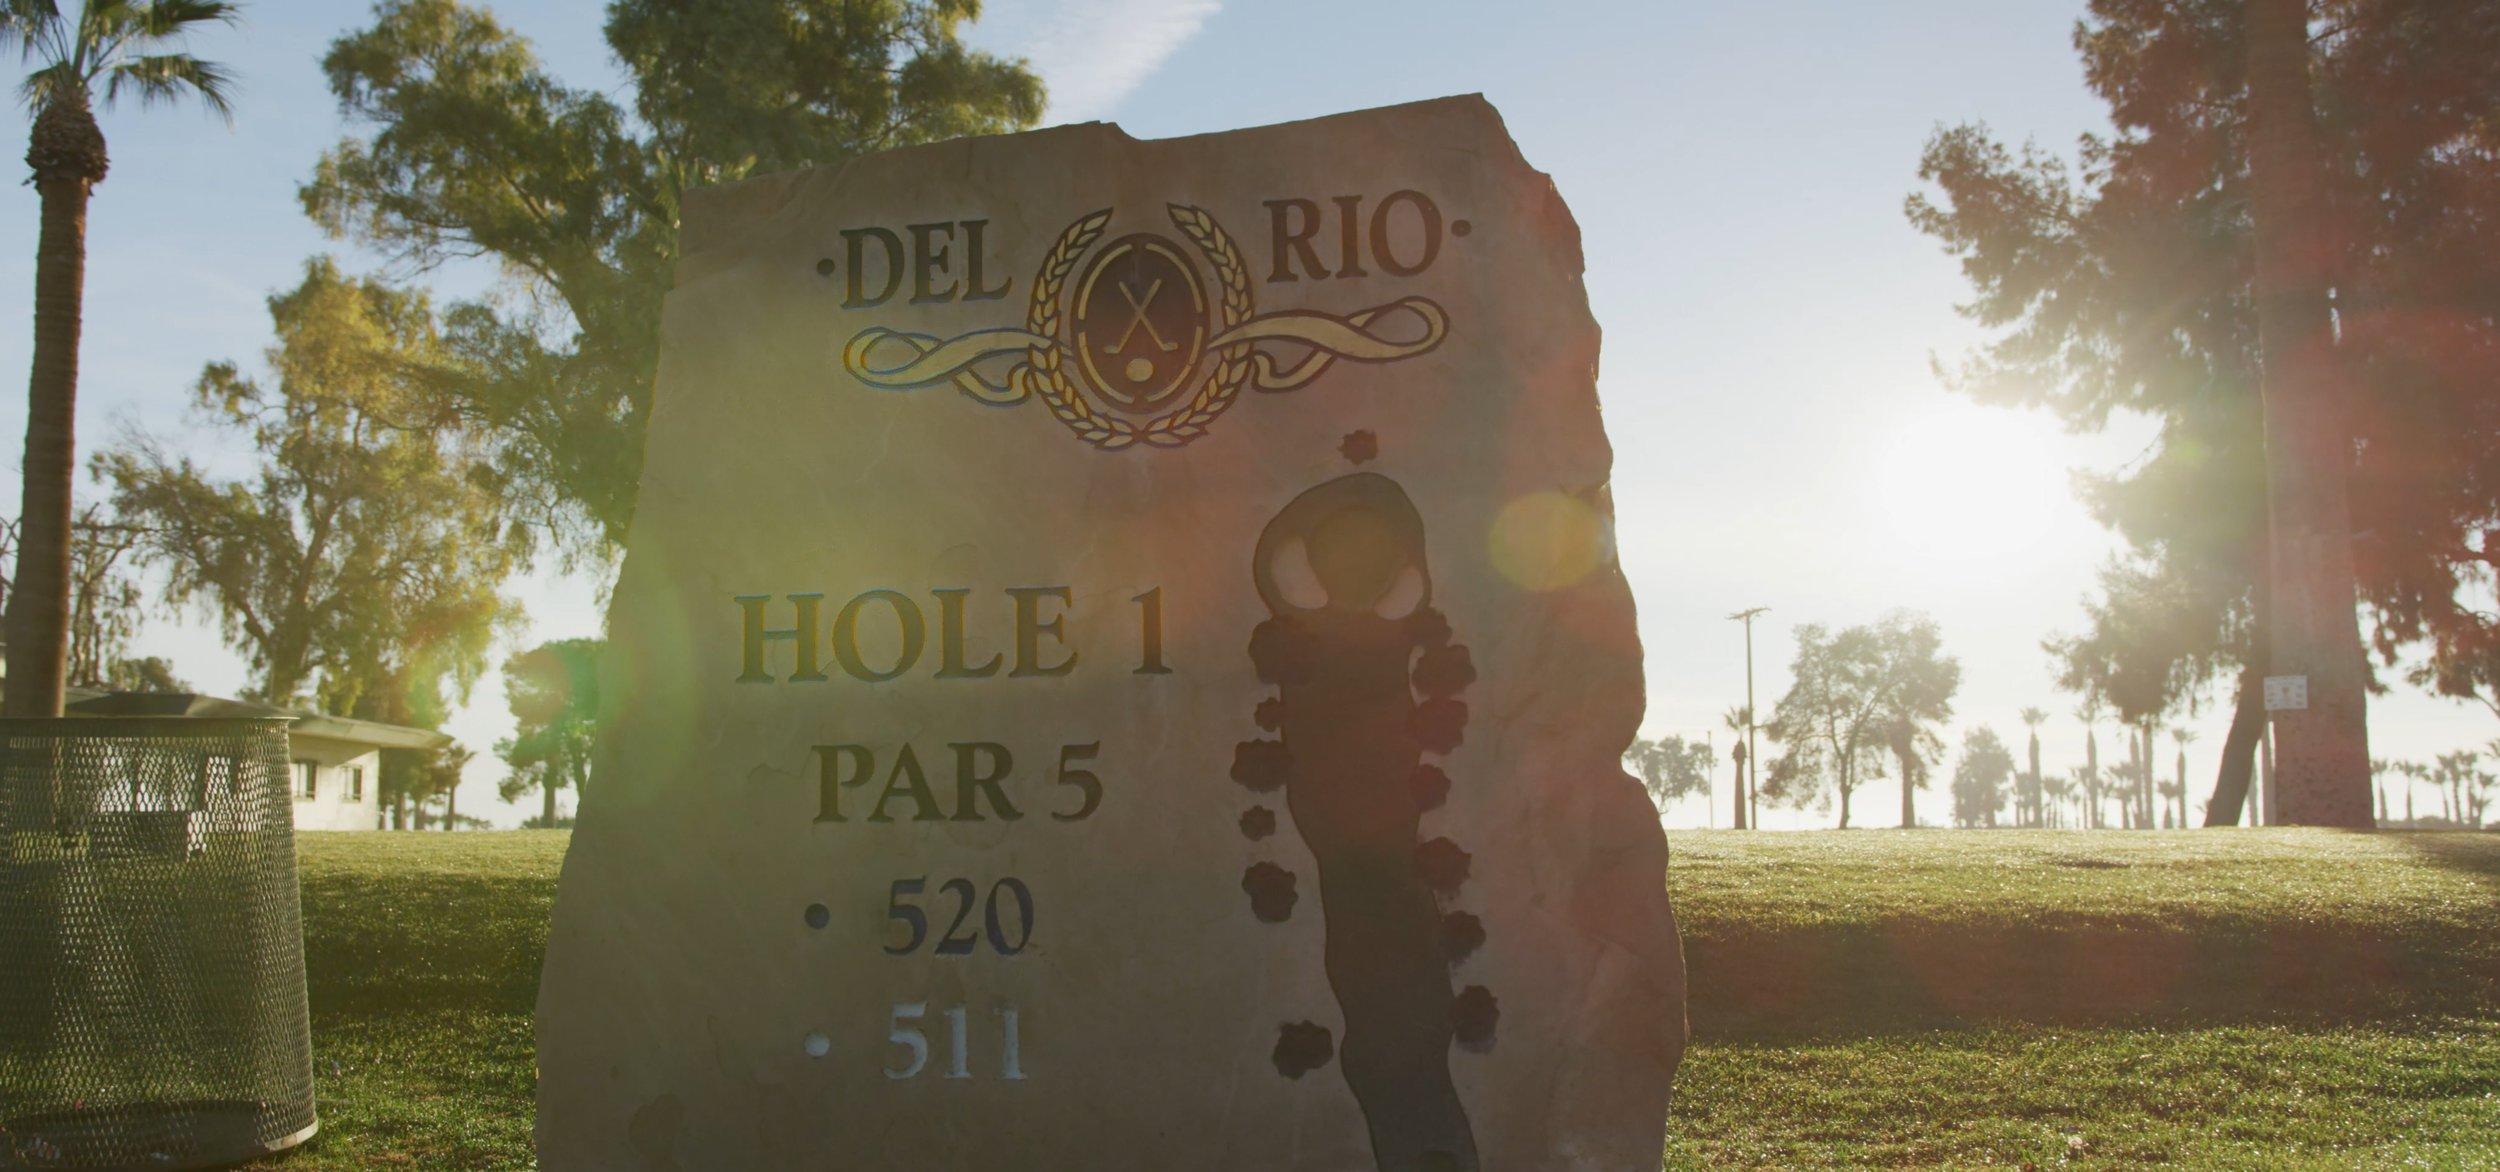 Golf Frames _2.1.1.jpg